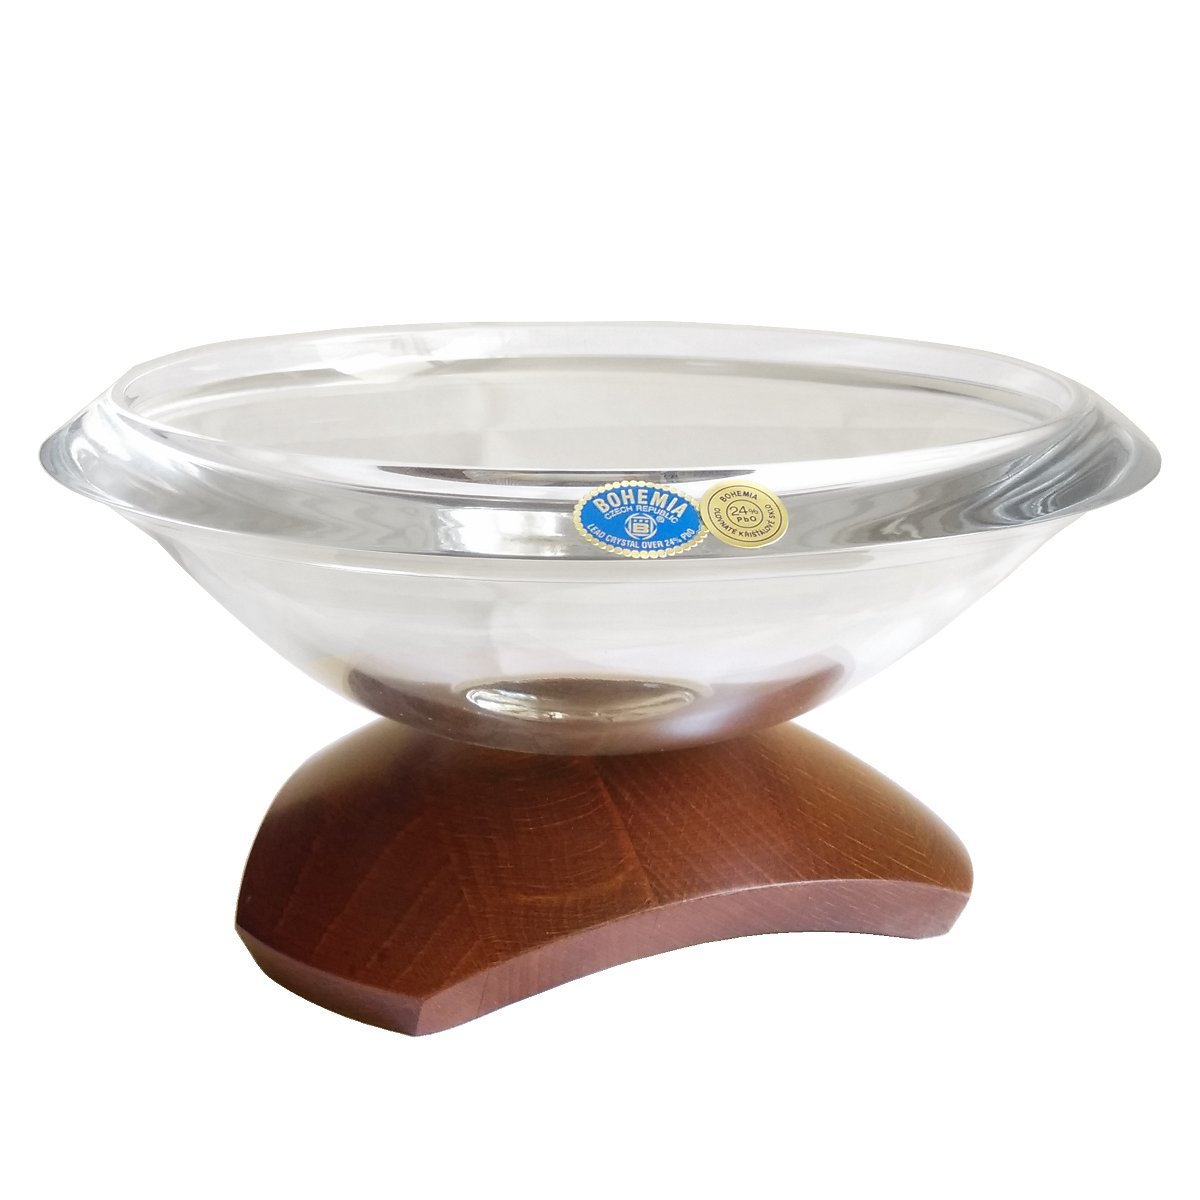 Κρυστάλλινο κουπ Βοημίας 21 cm σε ξύλινη βάση